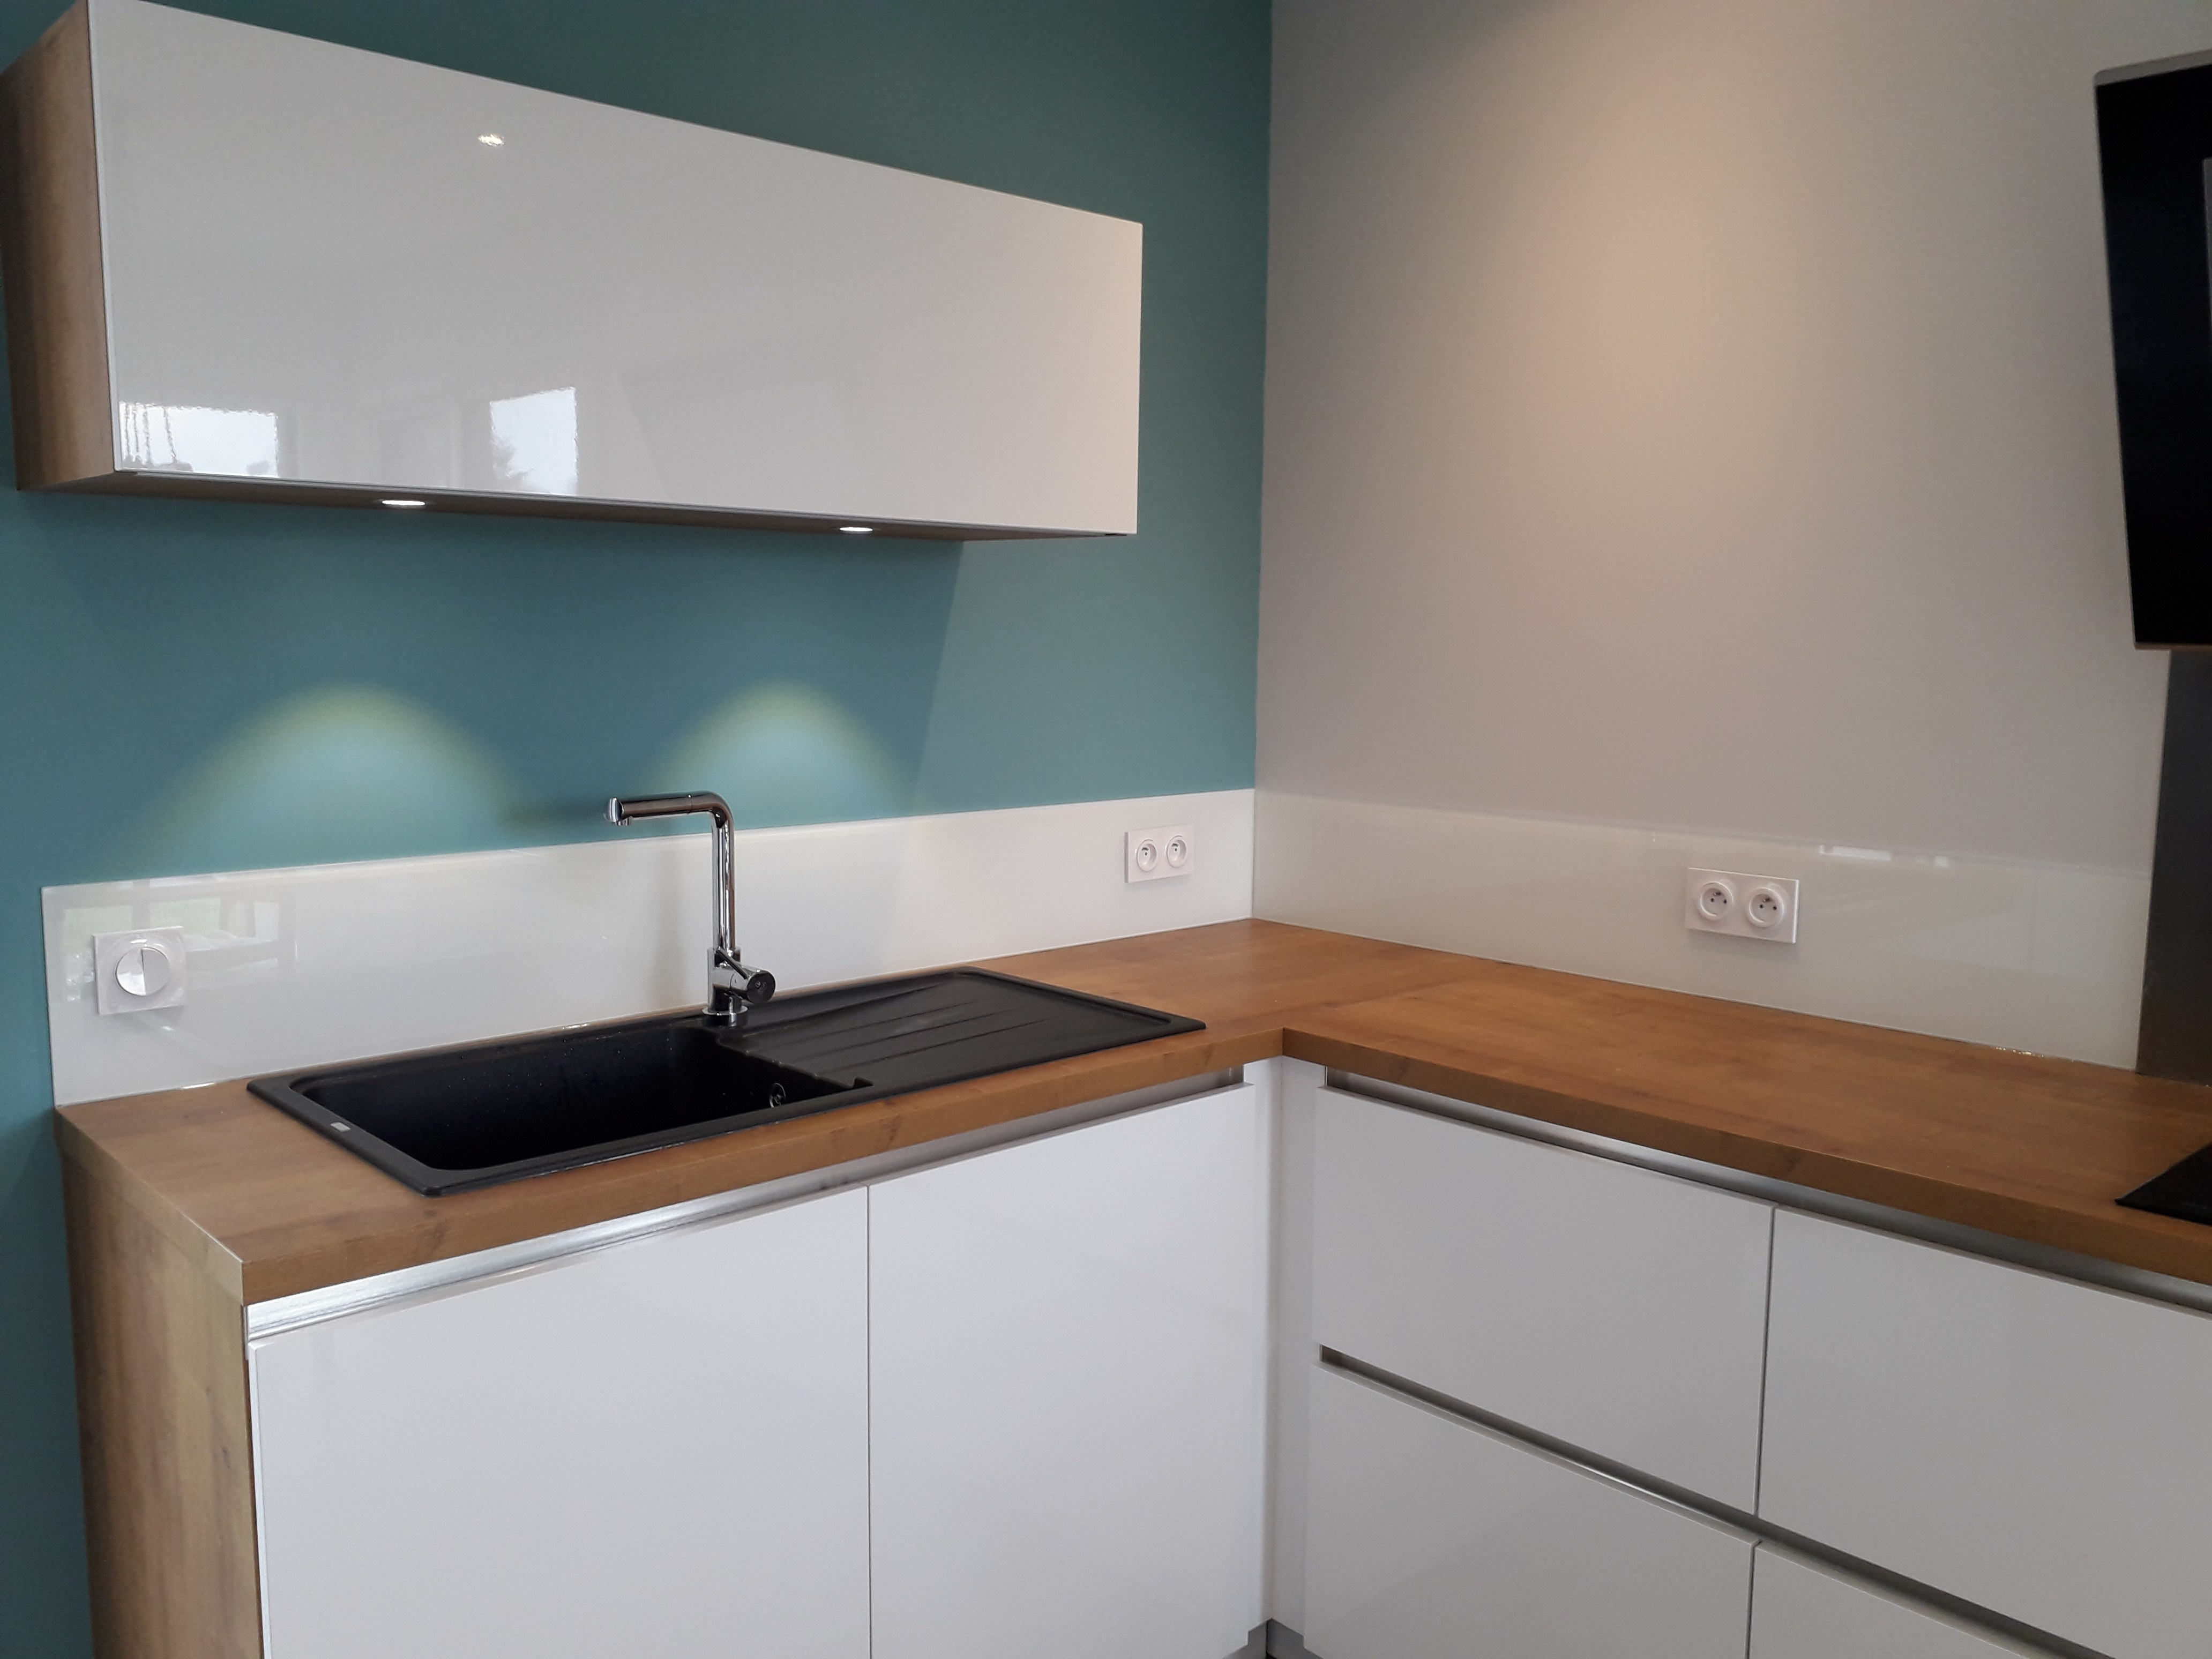 credence cuisine verre 90x70. Black Bedroom Furniture Sets. Home Design Ideas